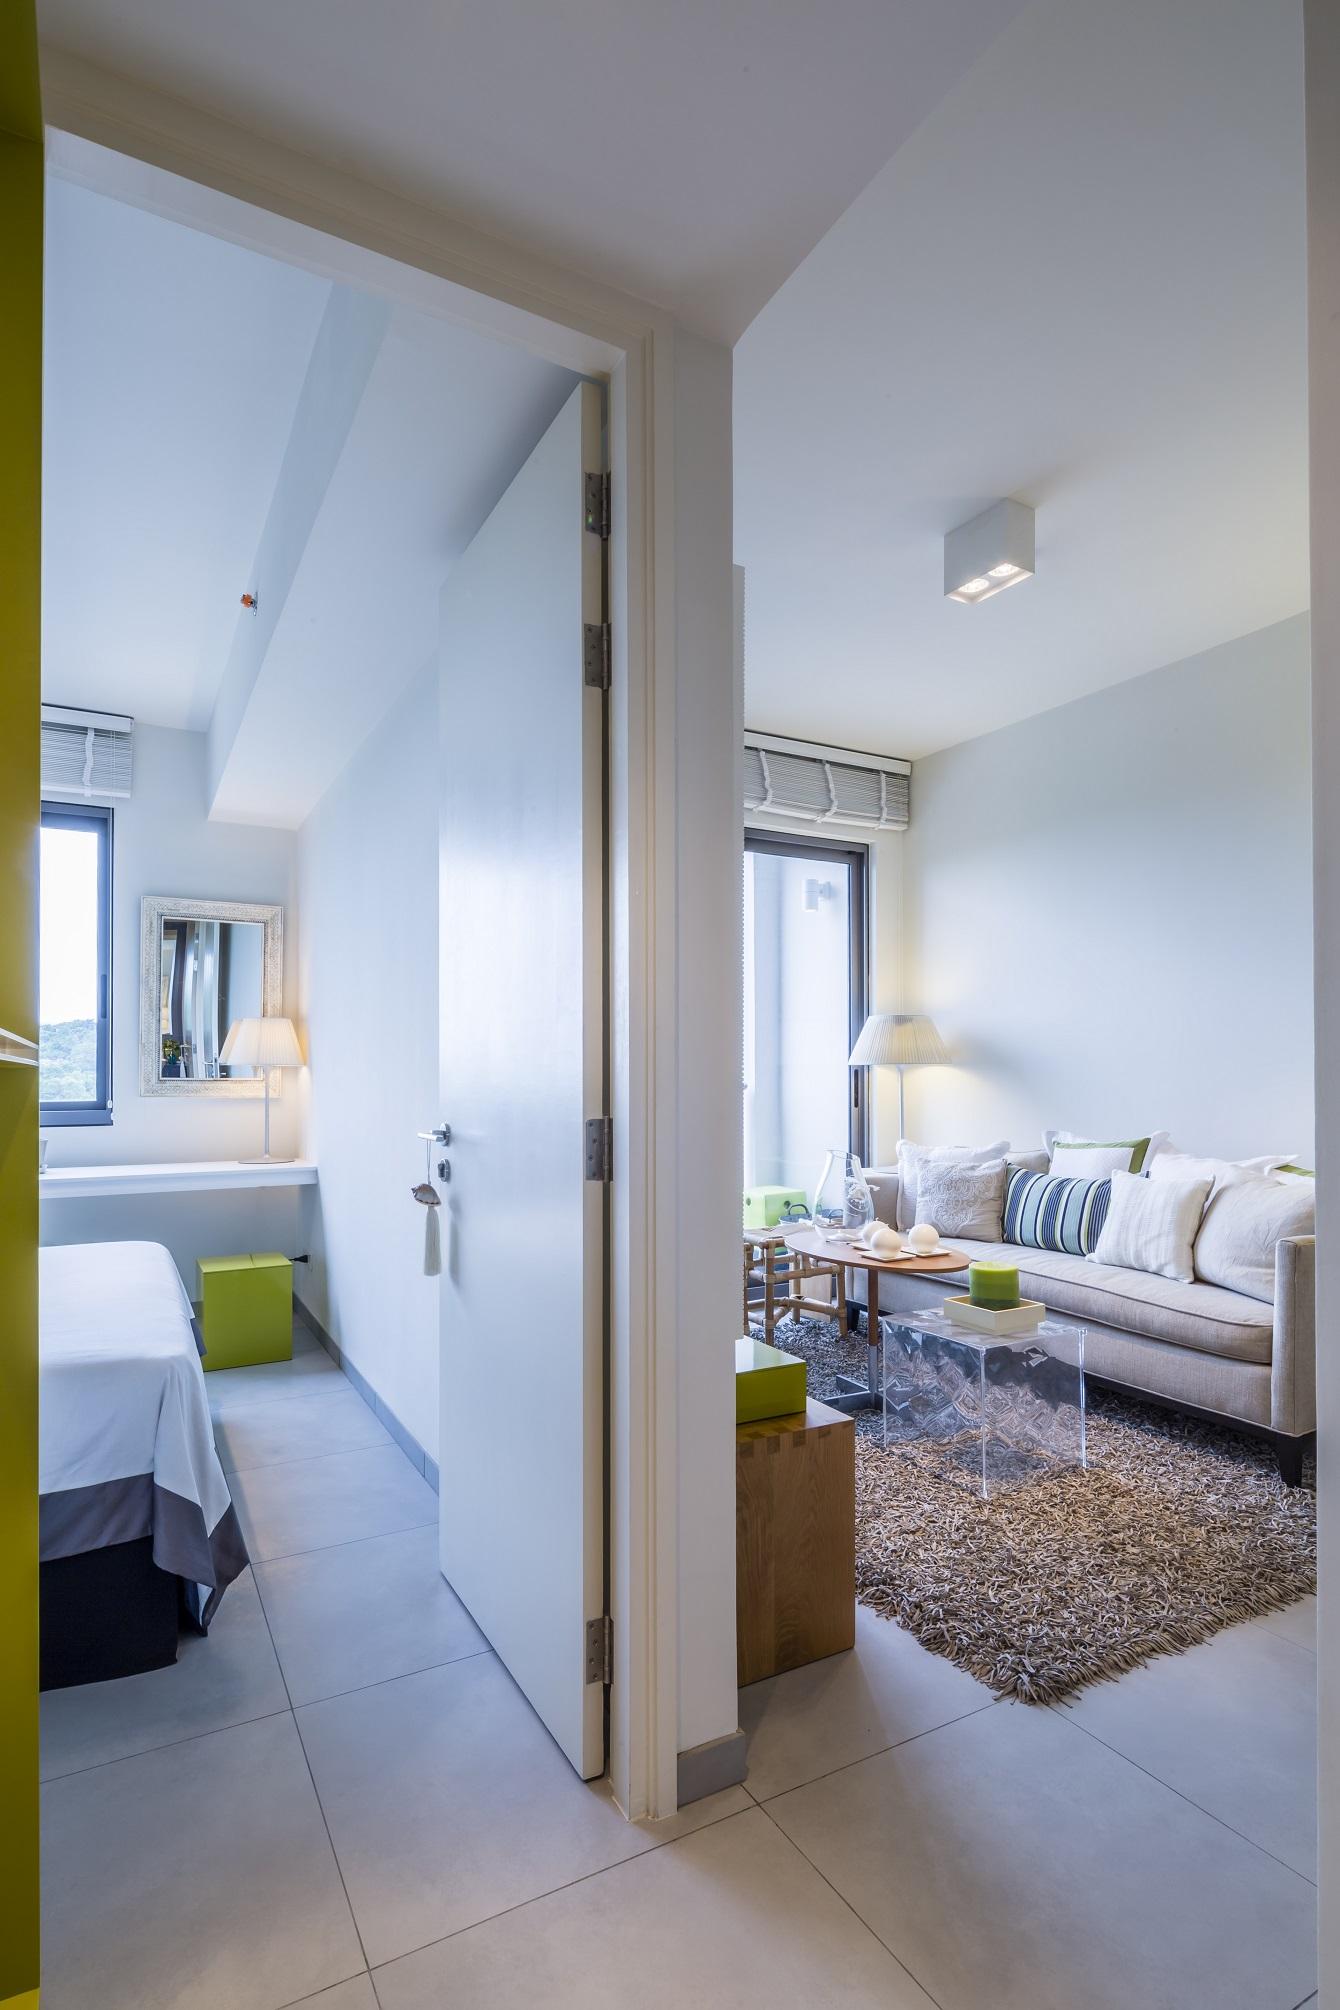 Unixx_one bedroom5